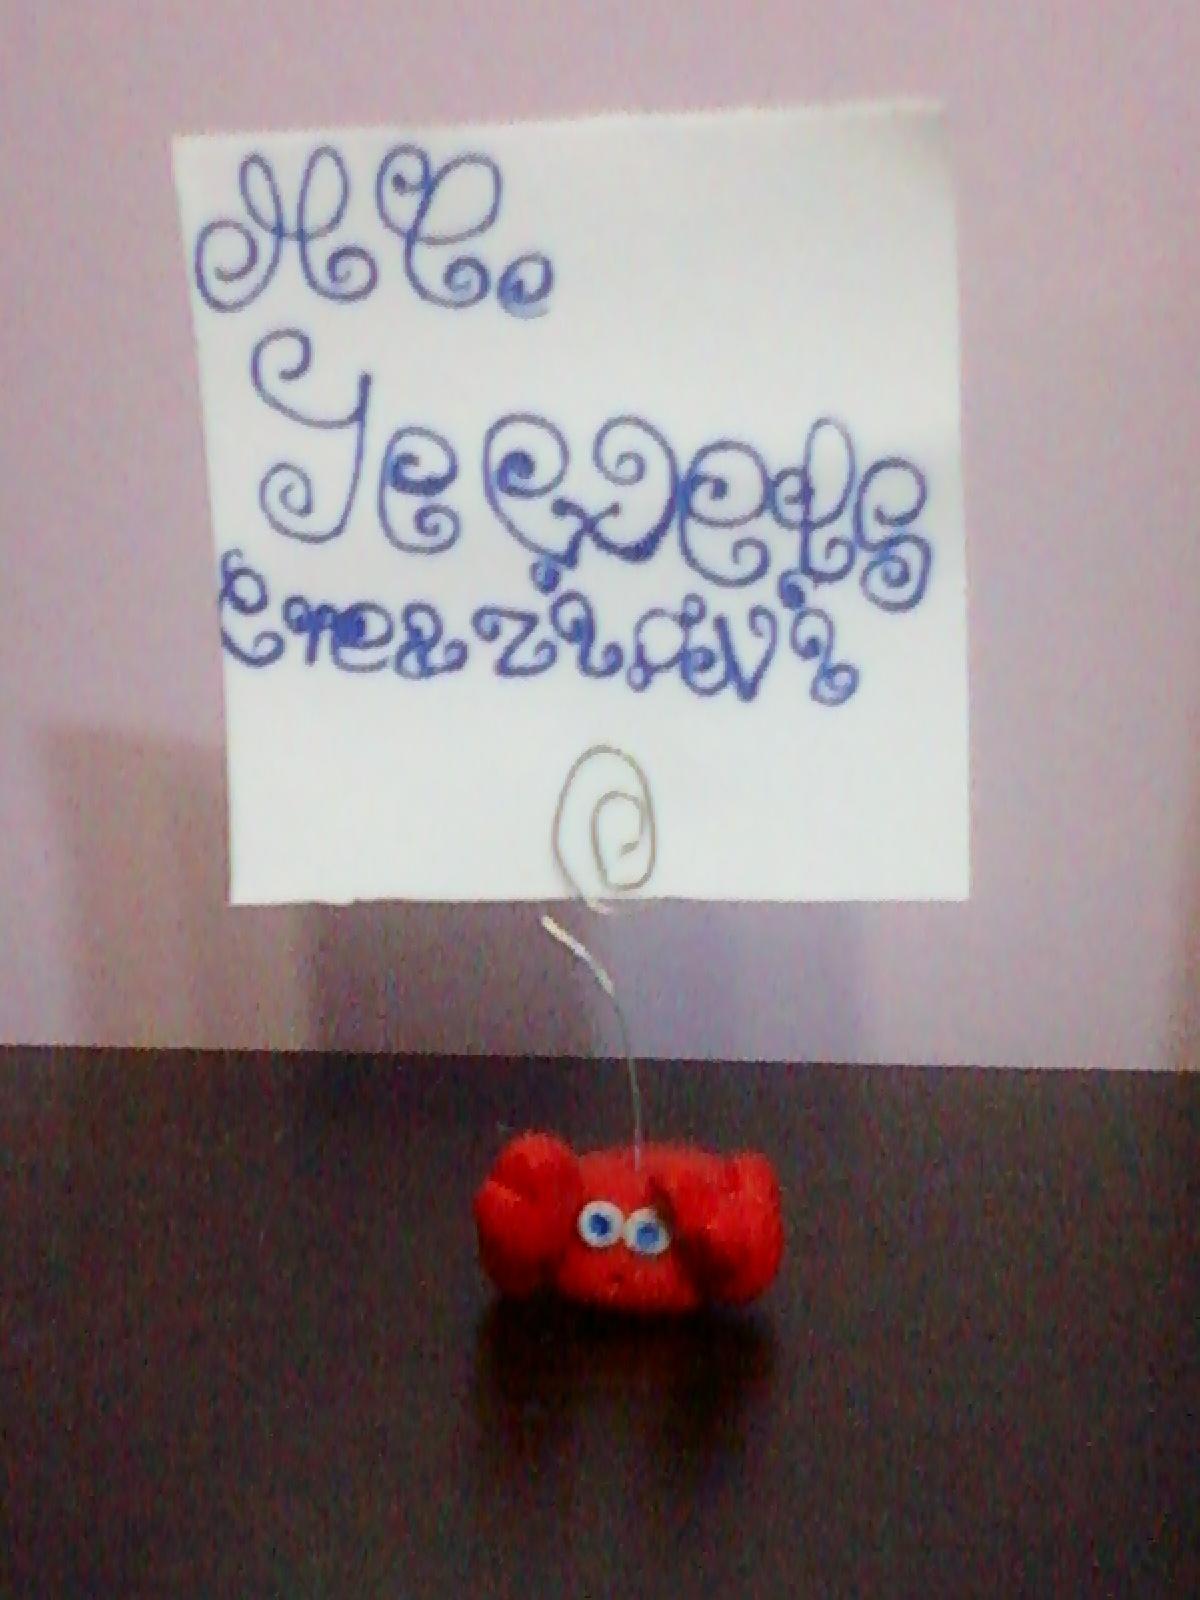 Mc jewels granchietto porta fotomessaggi - Porta messaggi ...